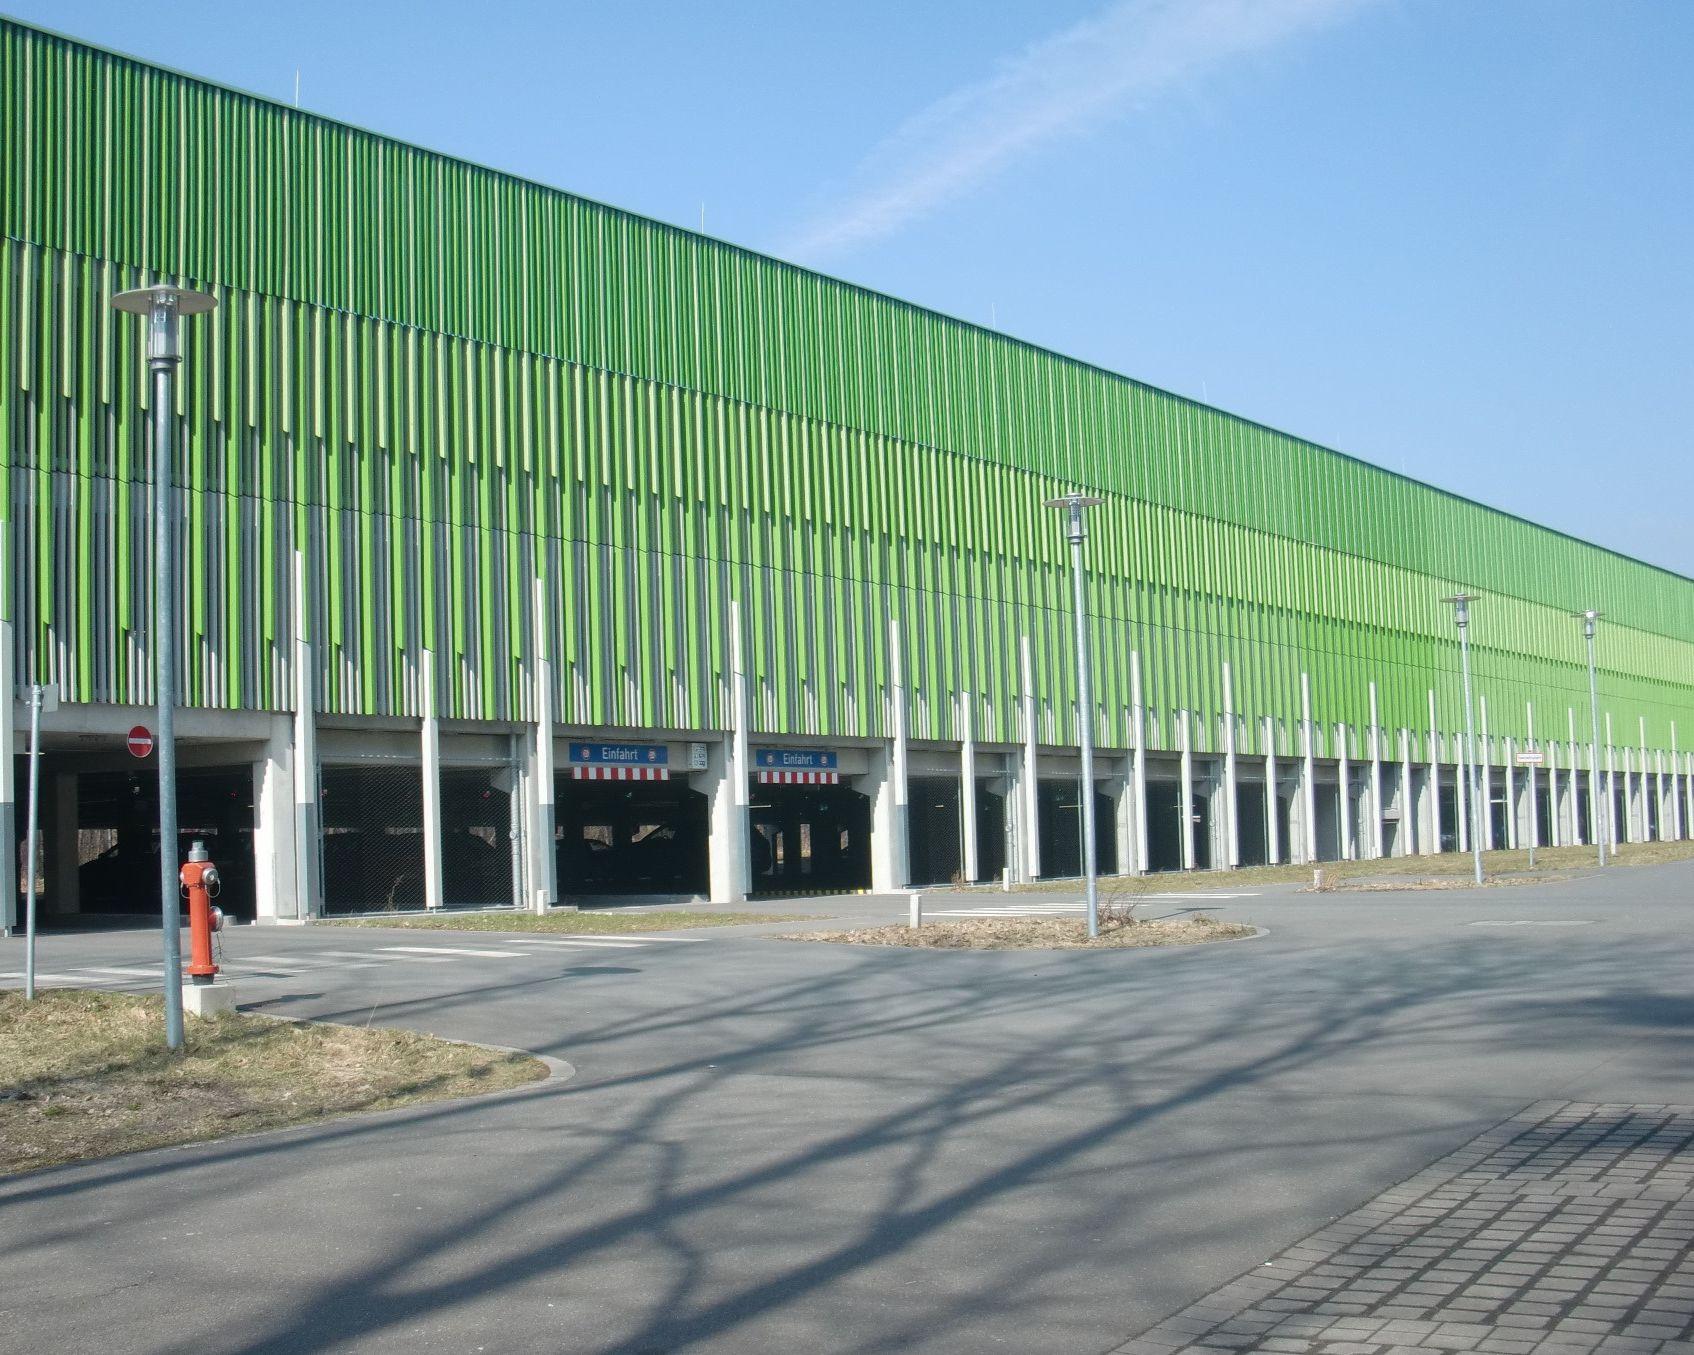 Fassade aus Lärchenholz für das Parkhaus Klinikum Nbg. Süd.